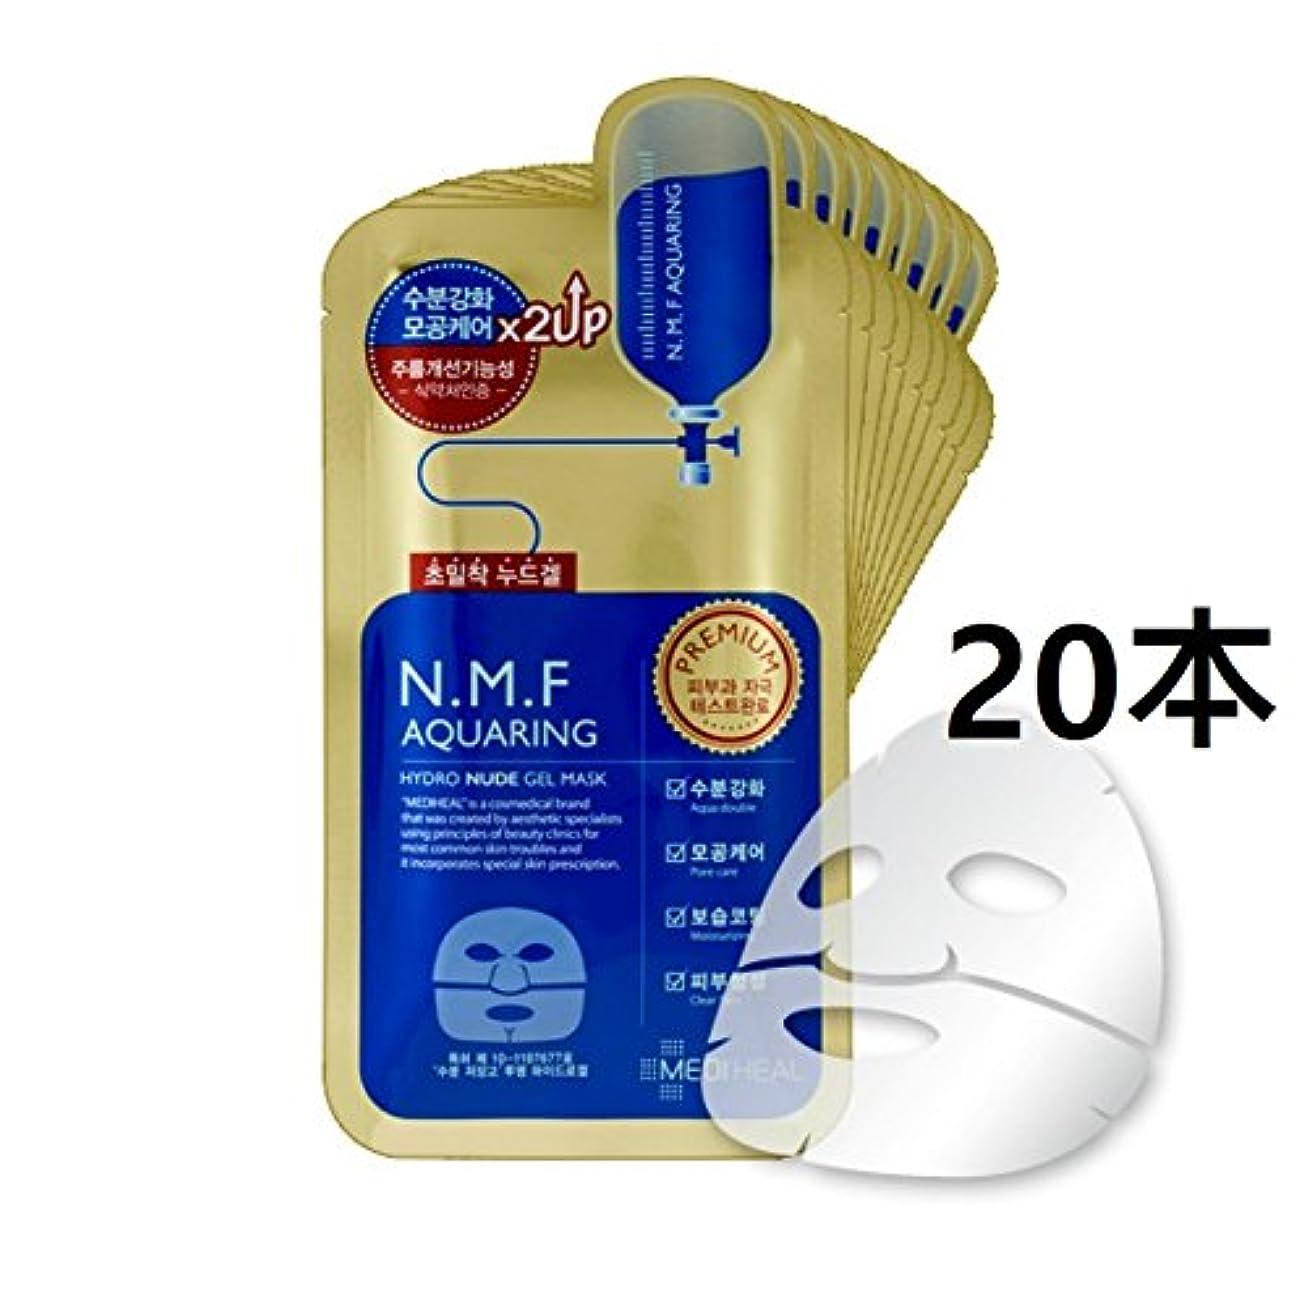 禁じるデイジースリンク(10本+10本) MEDIHEAL メディヒール NMF アクアリング ヌード ゲルマスク (20枚) [Mediheal premium NMF AQUARING Hydro Nude Gel 10ea + 10ea...